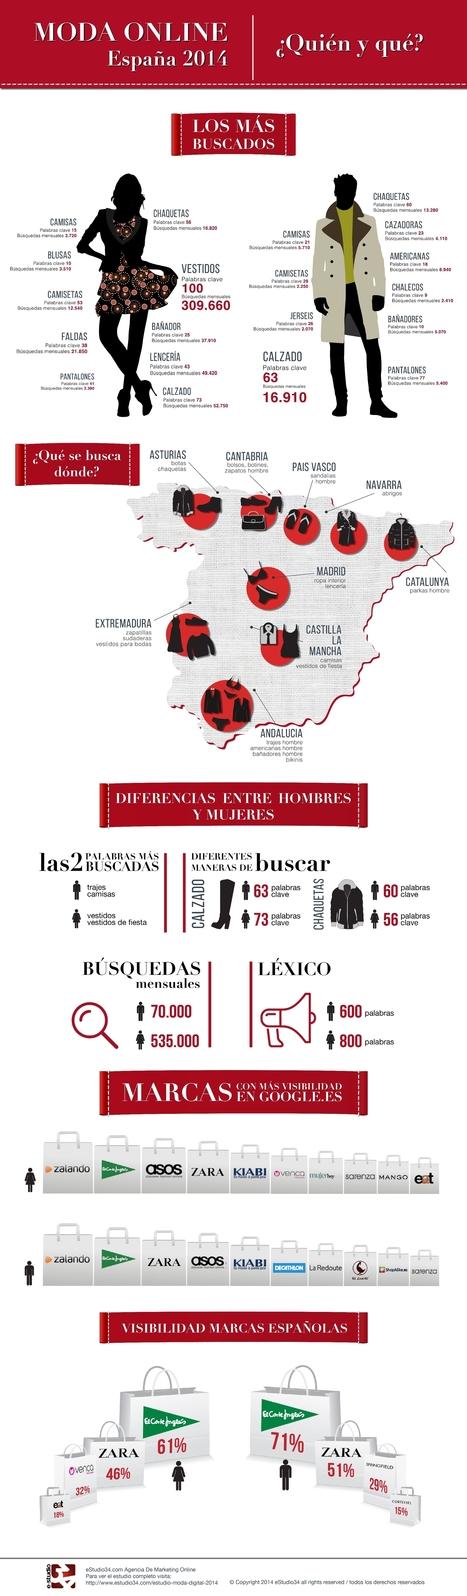 Moda online en España: Quién y Qué #infografia #infographic #marketing | Seo, Social Media Marketing | Scoop.it